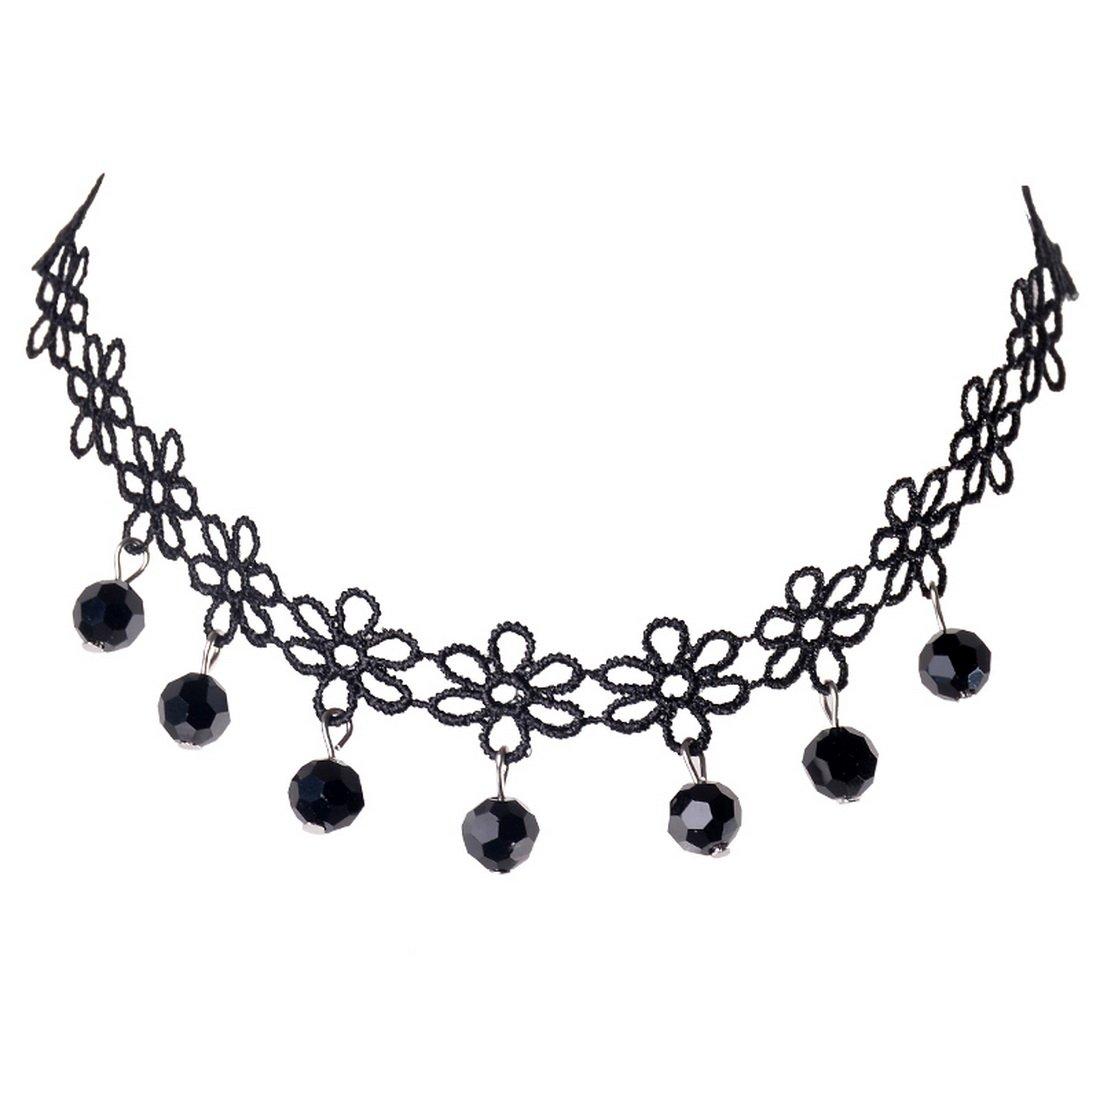 Souarts Noir Collier Tour de Cou Gothique Dentelle Papillon avec Pendentif Perles A000A11B4